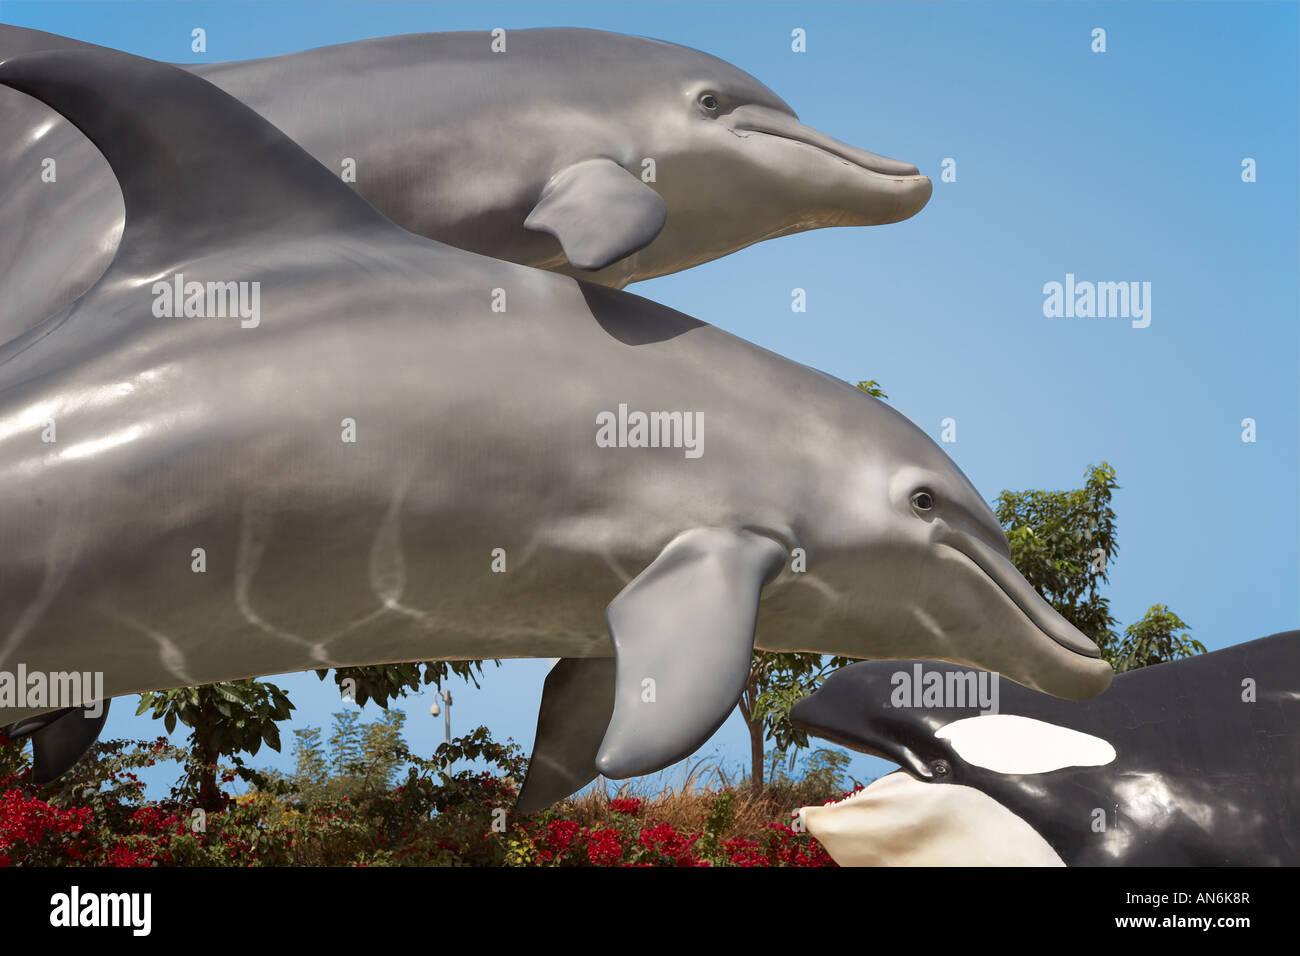 Delfine im Dubailand dolphins in Dubailand UAE - Stock Image